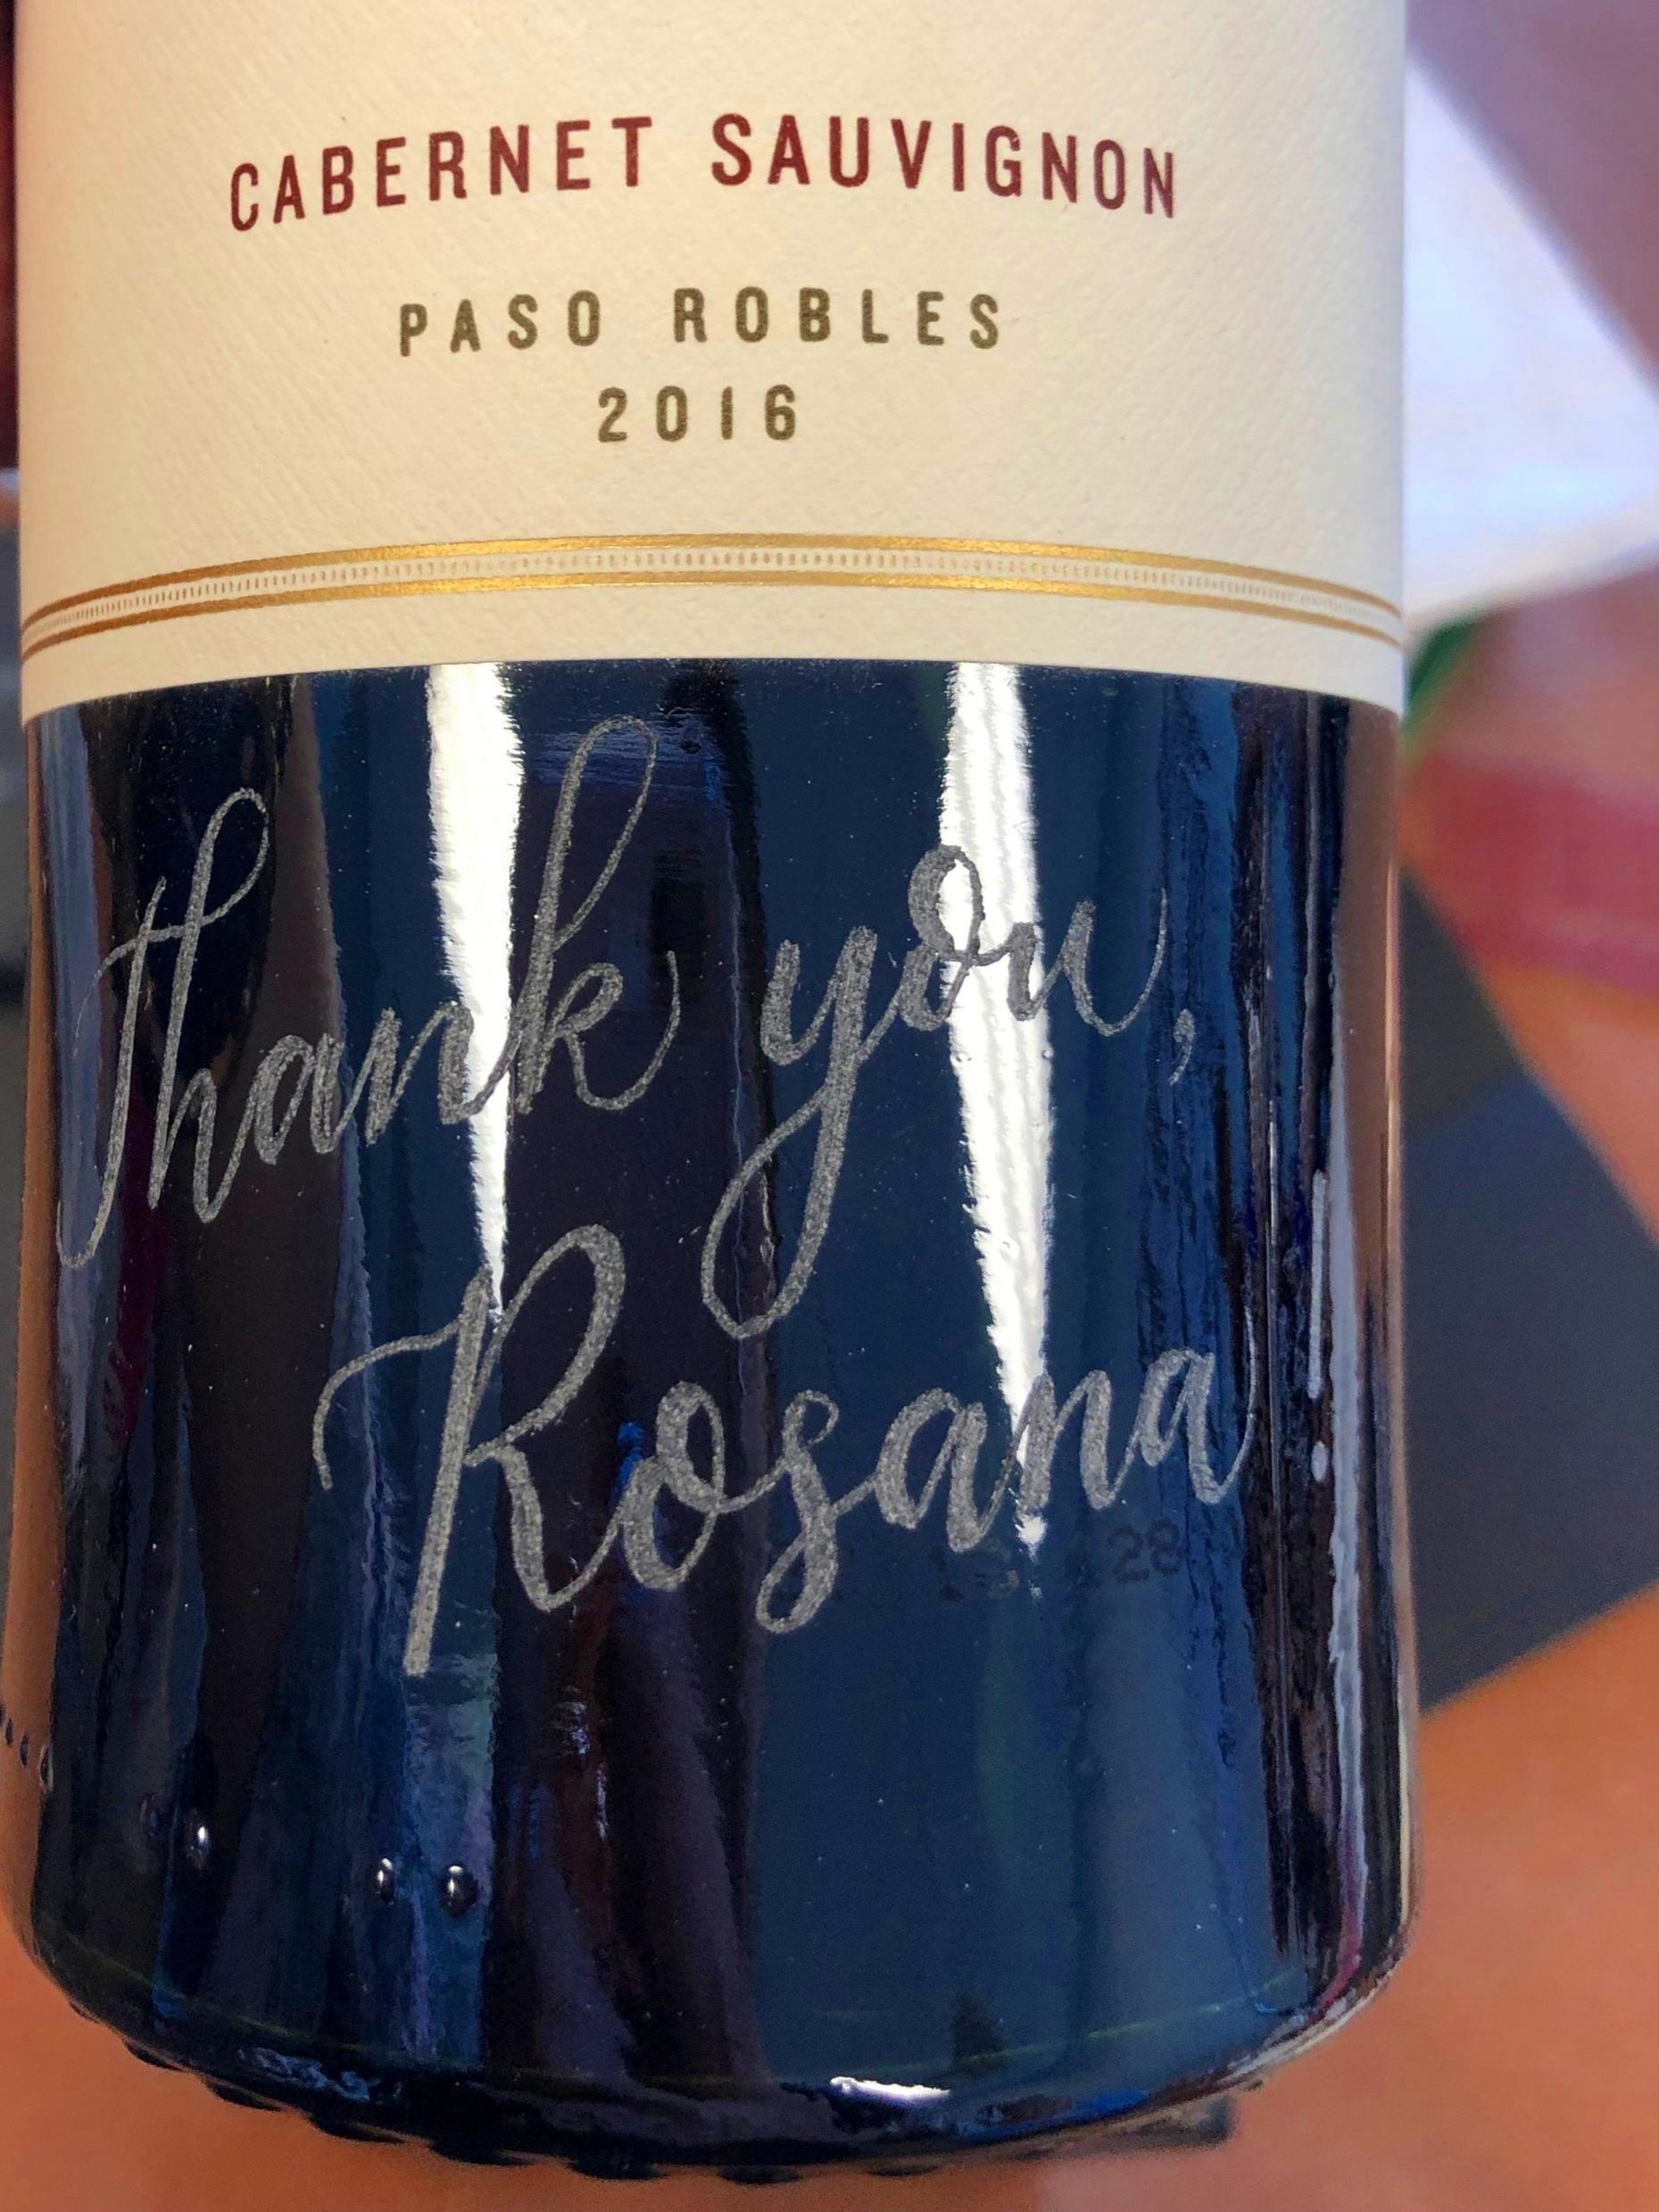 engraving_wine bottle.JPG